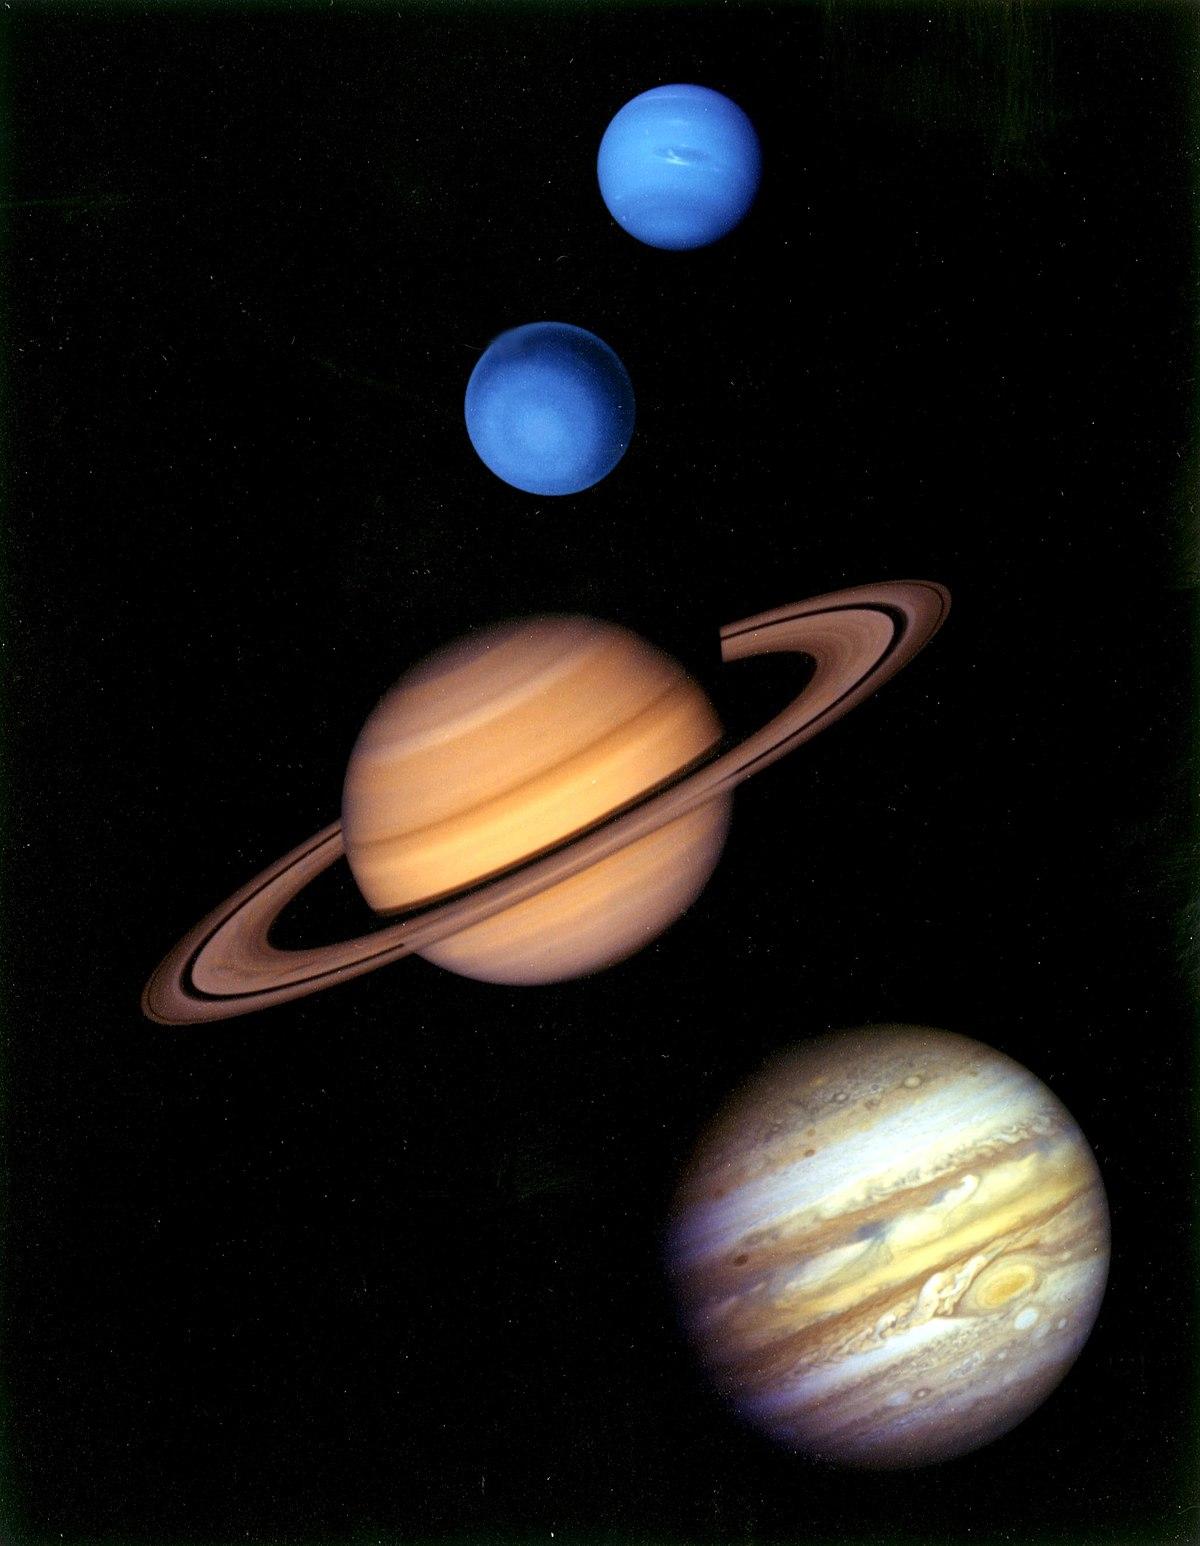 قائمة أنواع الكواكب ويكيبيديا